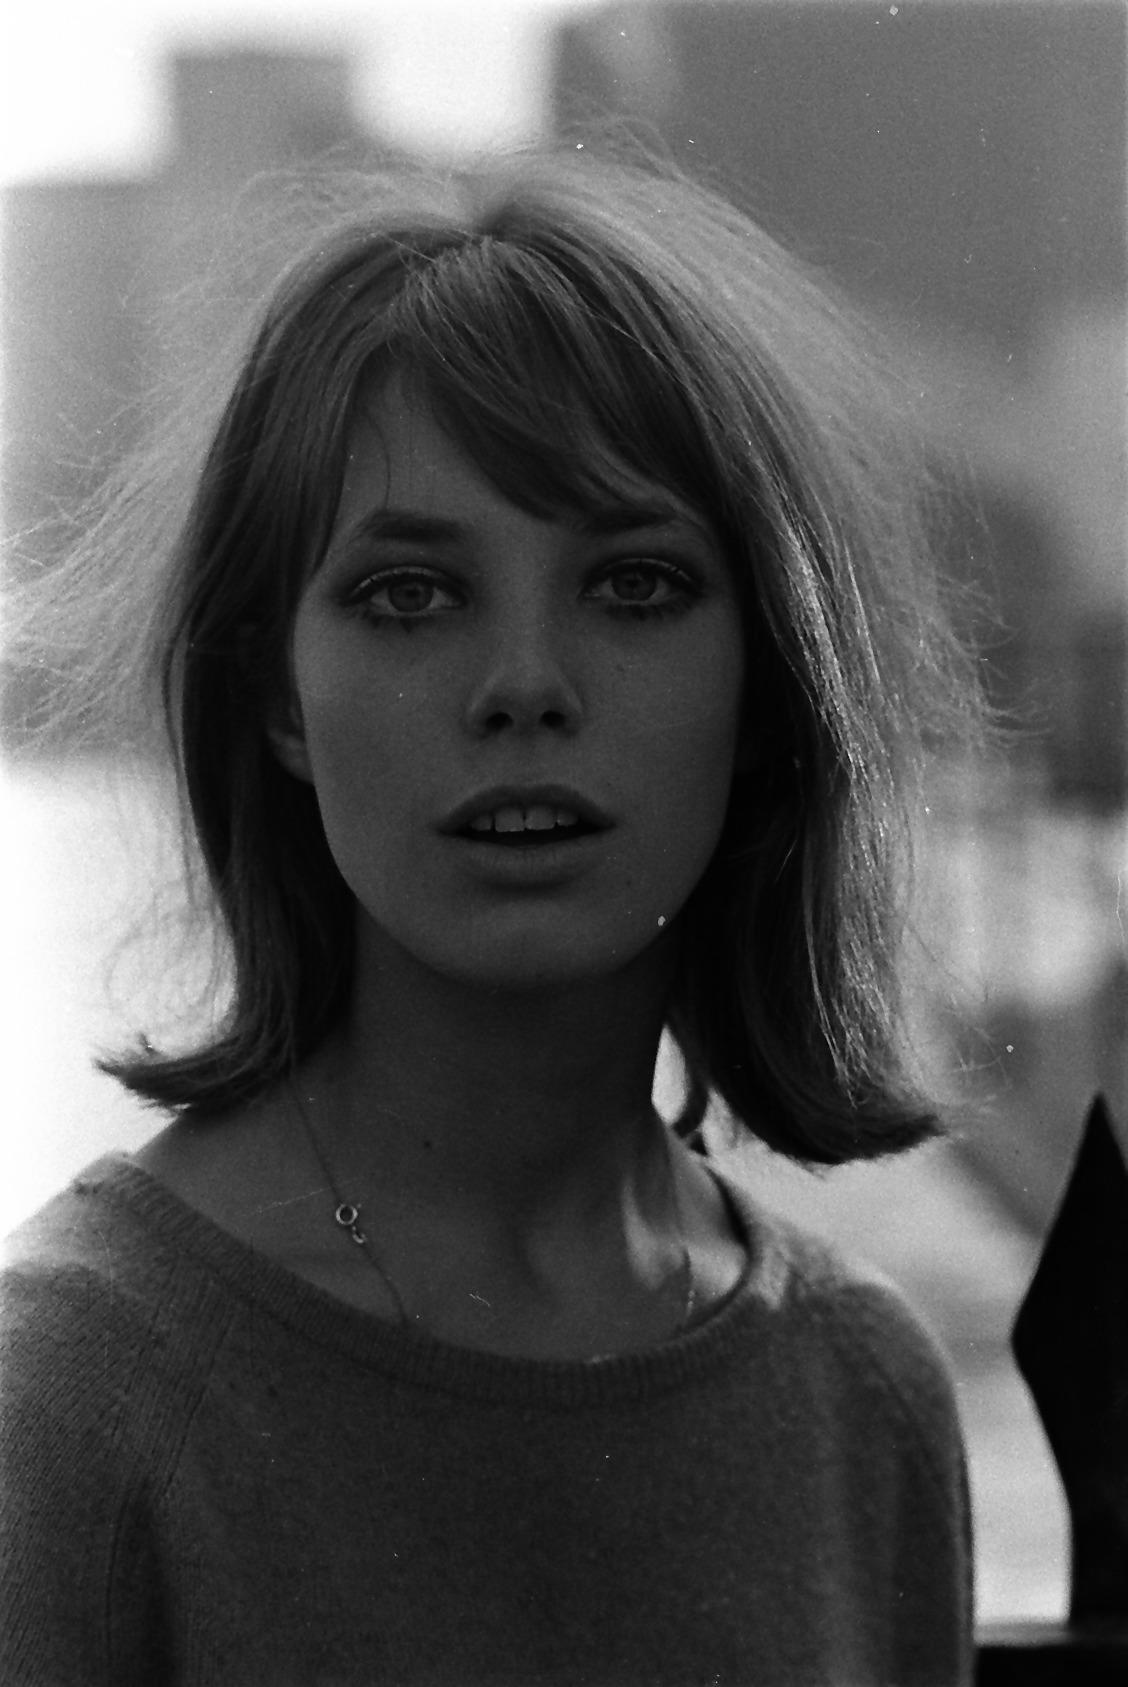 Jane Birkin Outside, c.1965